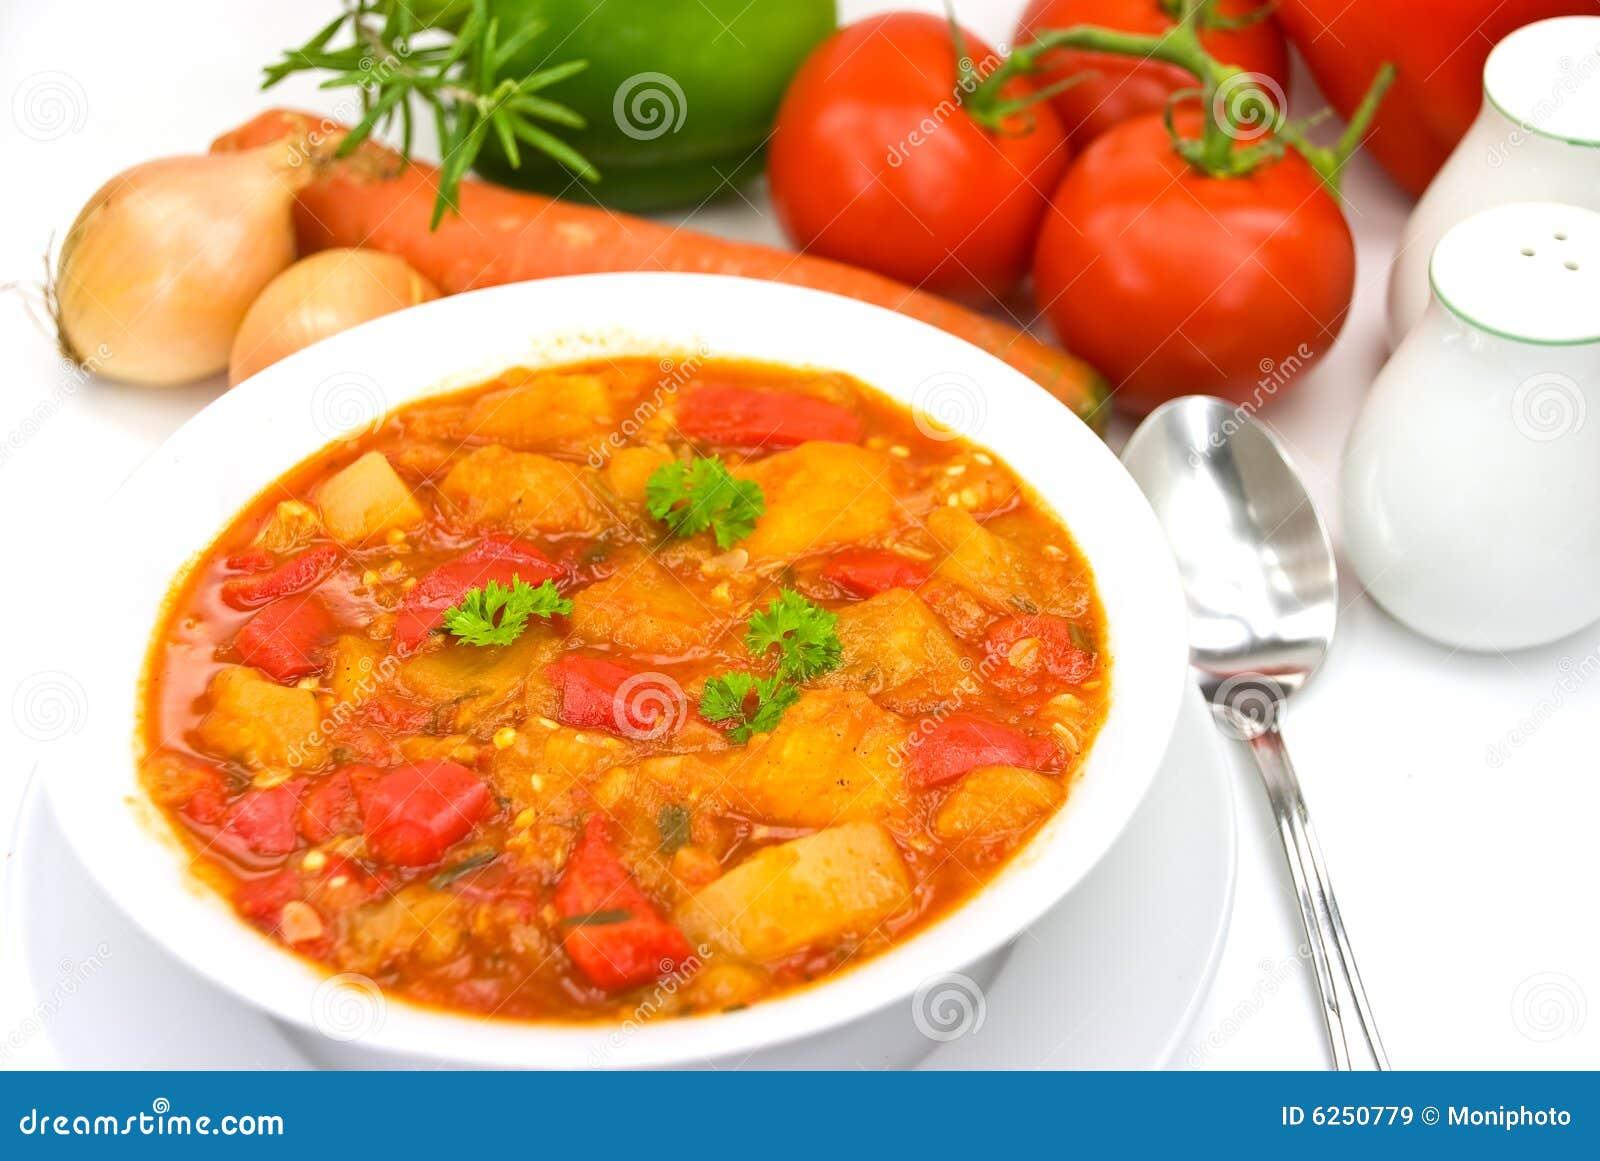 De borst soep-hutspot van de kip met gemengde groente